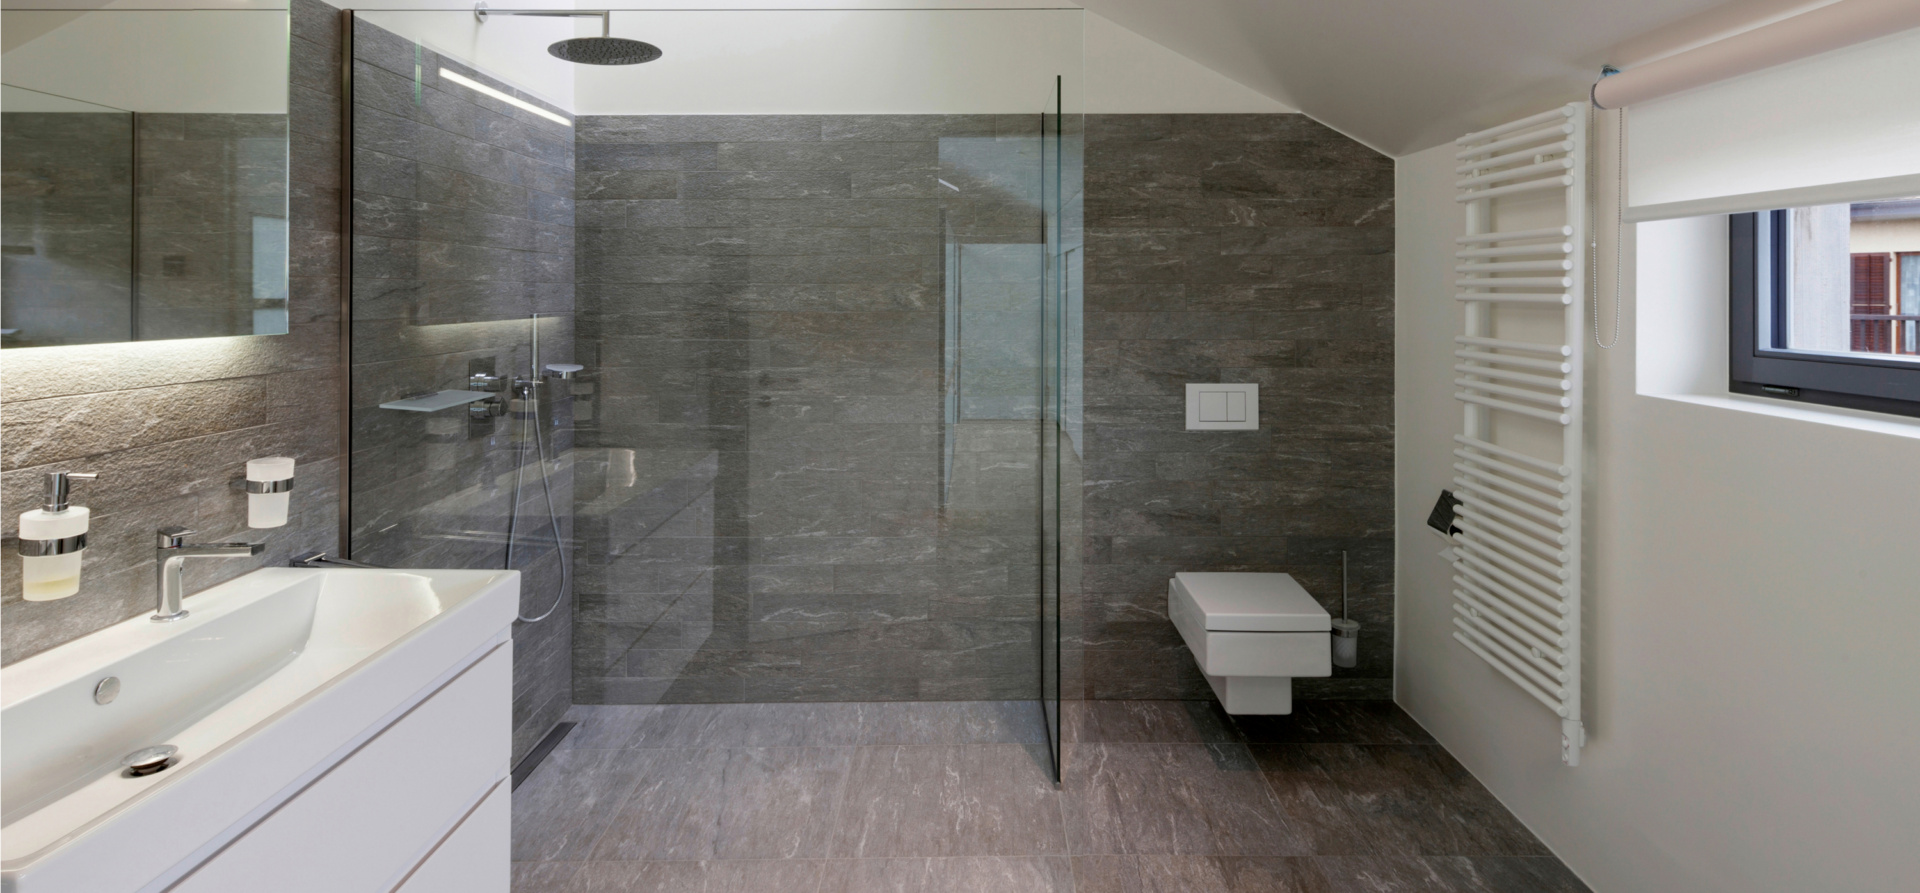 Titelbild Dusche individuell gestalten: Konfigurator, Werkstoffe, Vorteile